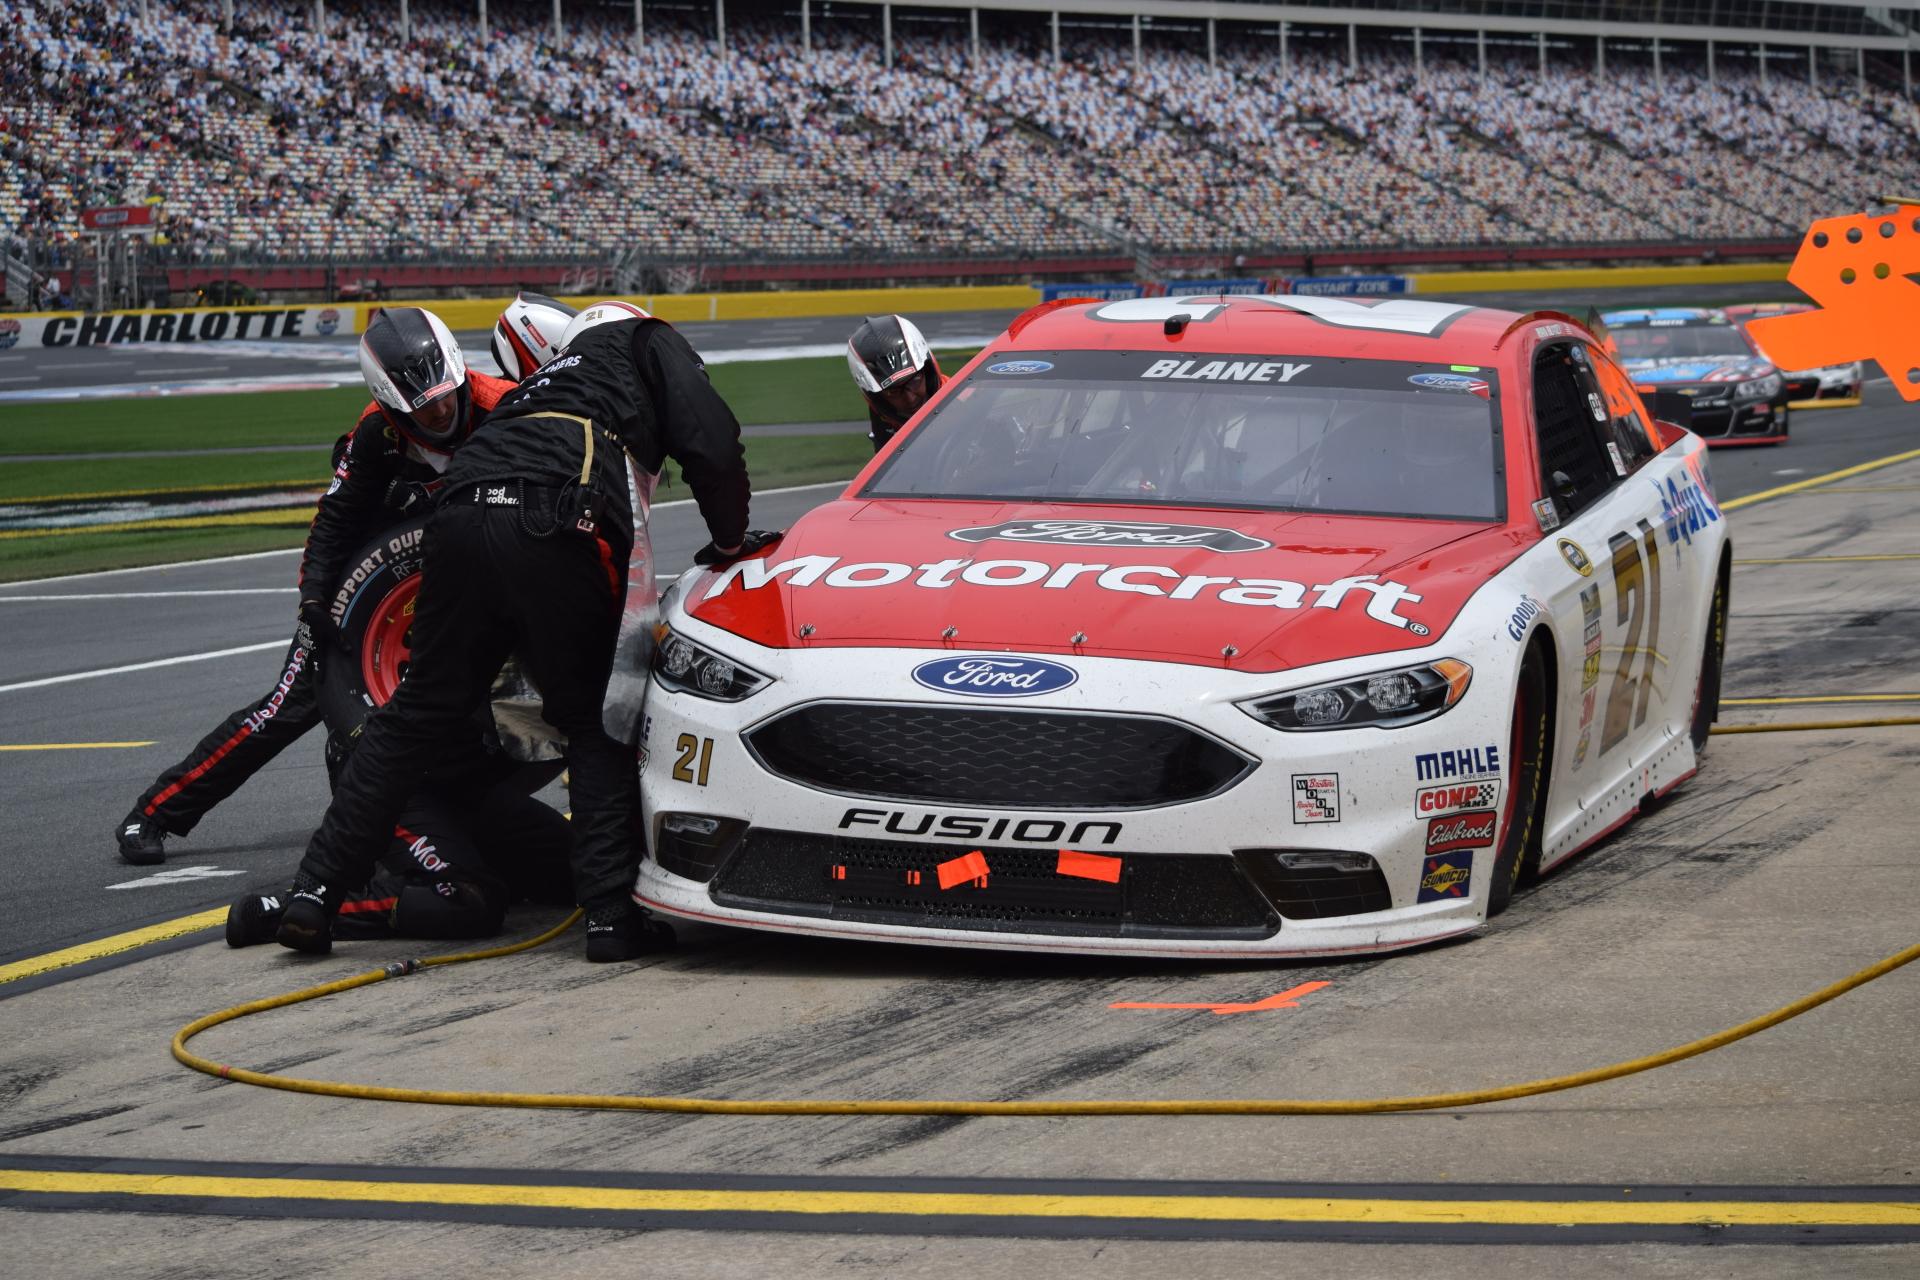 21 Team - Charlotte Motor Speedway